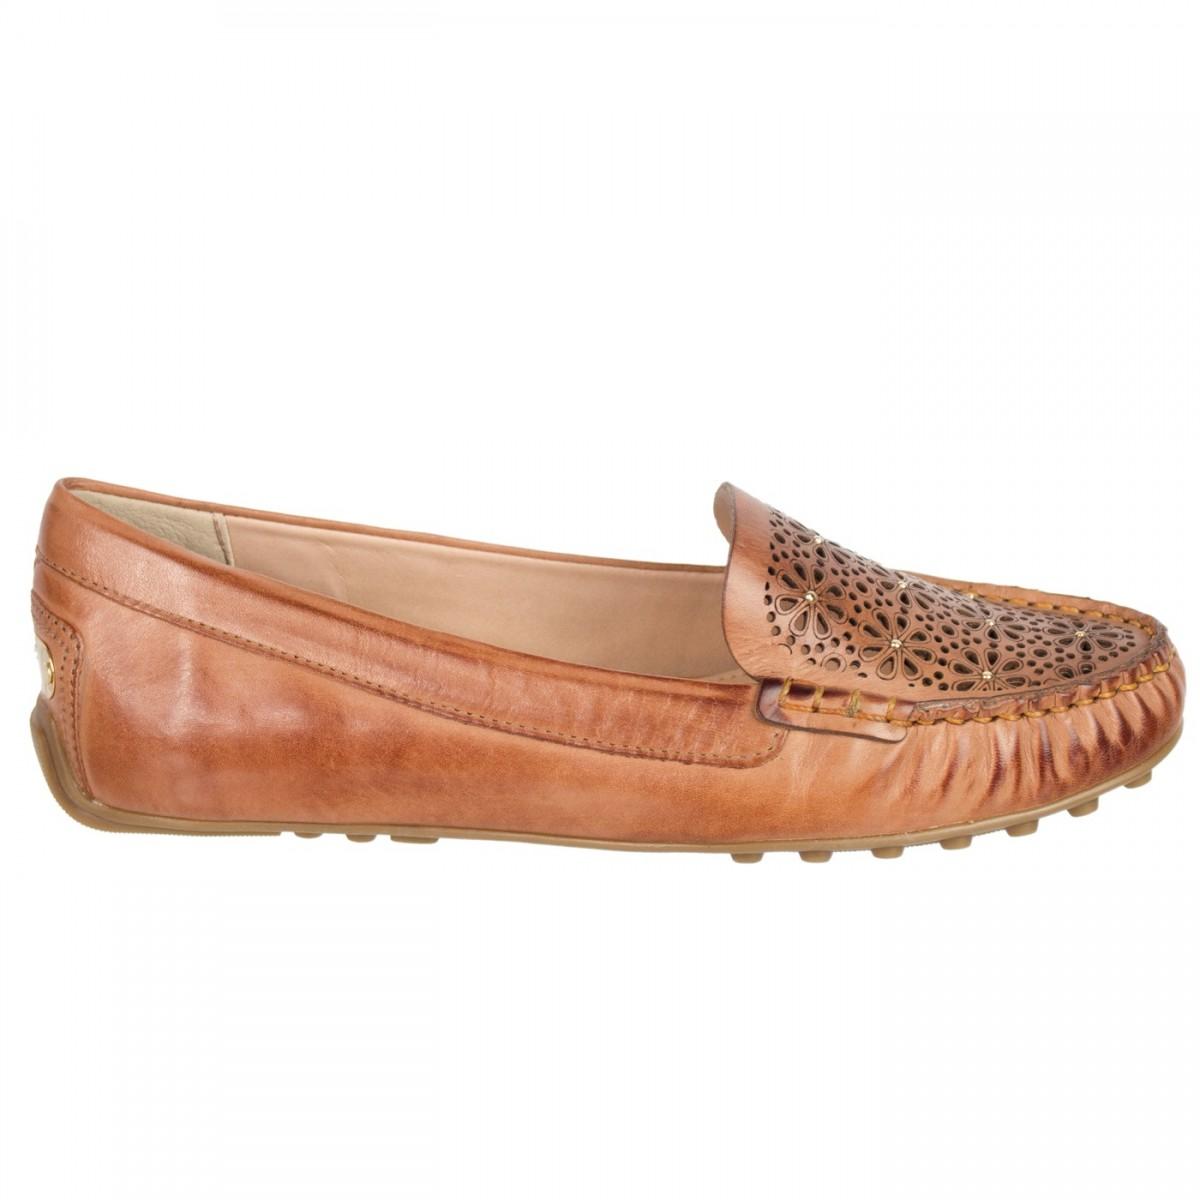 304755129d Bizz Store - Mocassim Feminino Verofatto Couro Legítimo Camel